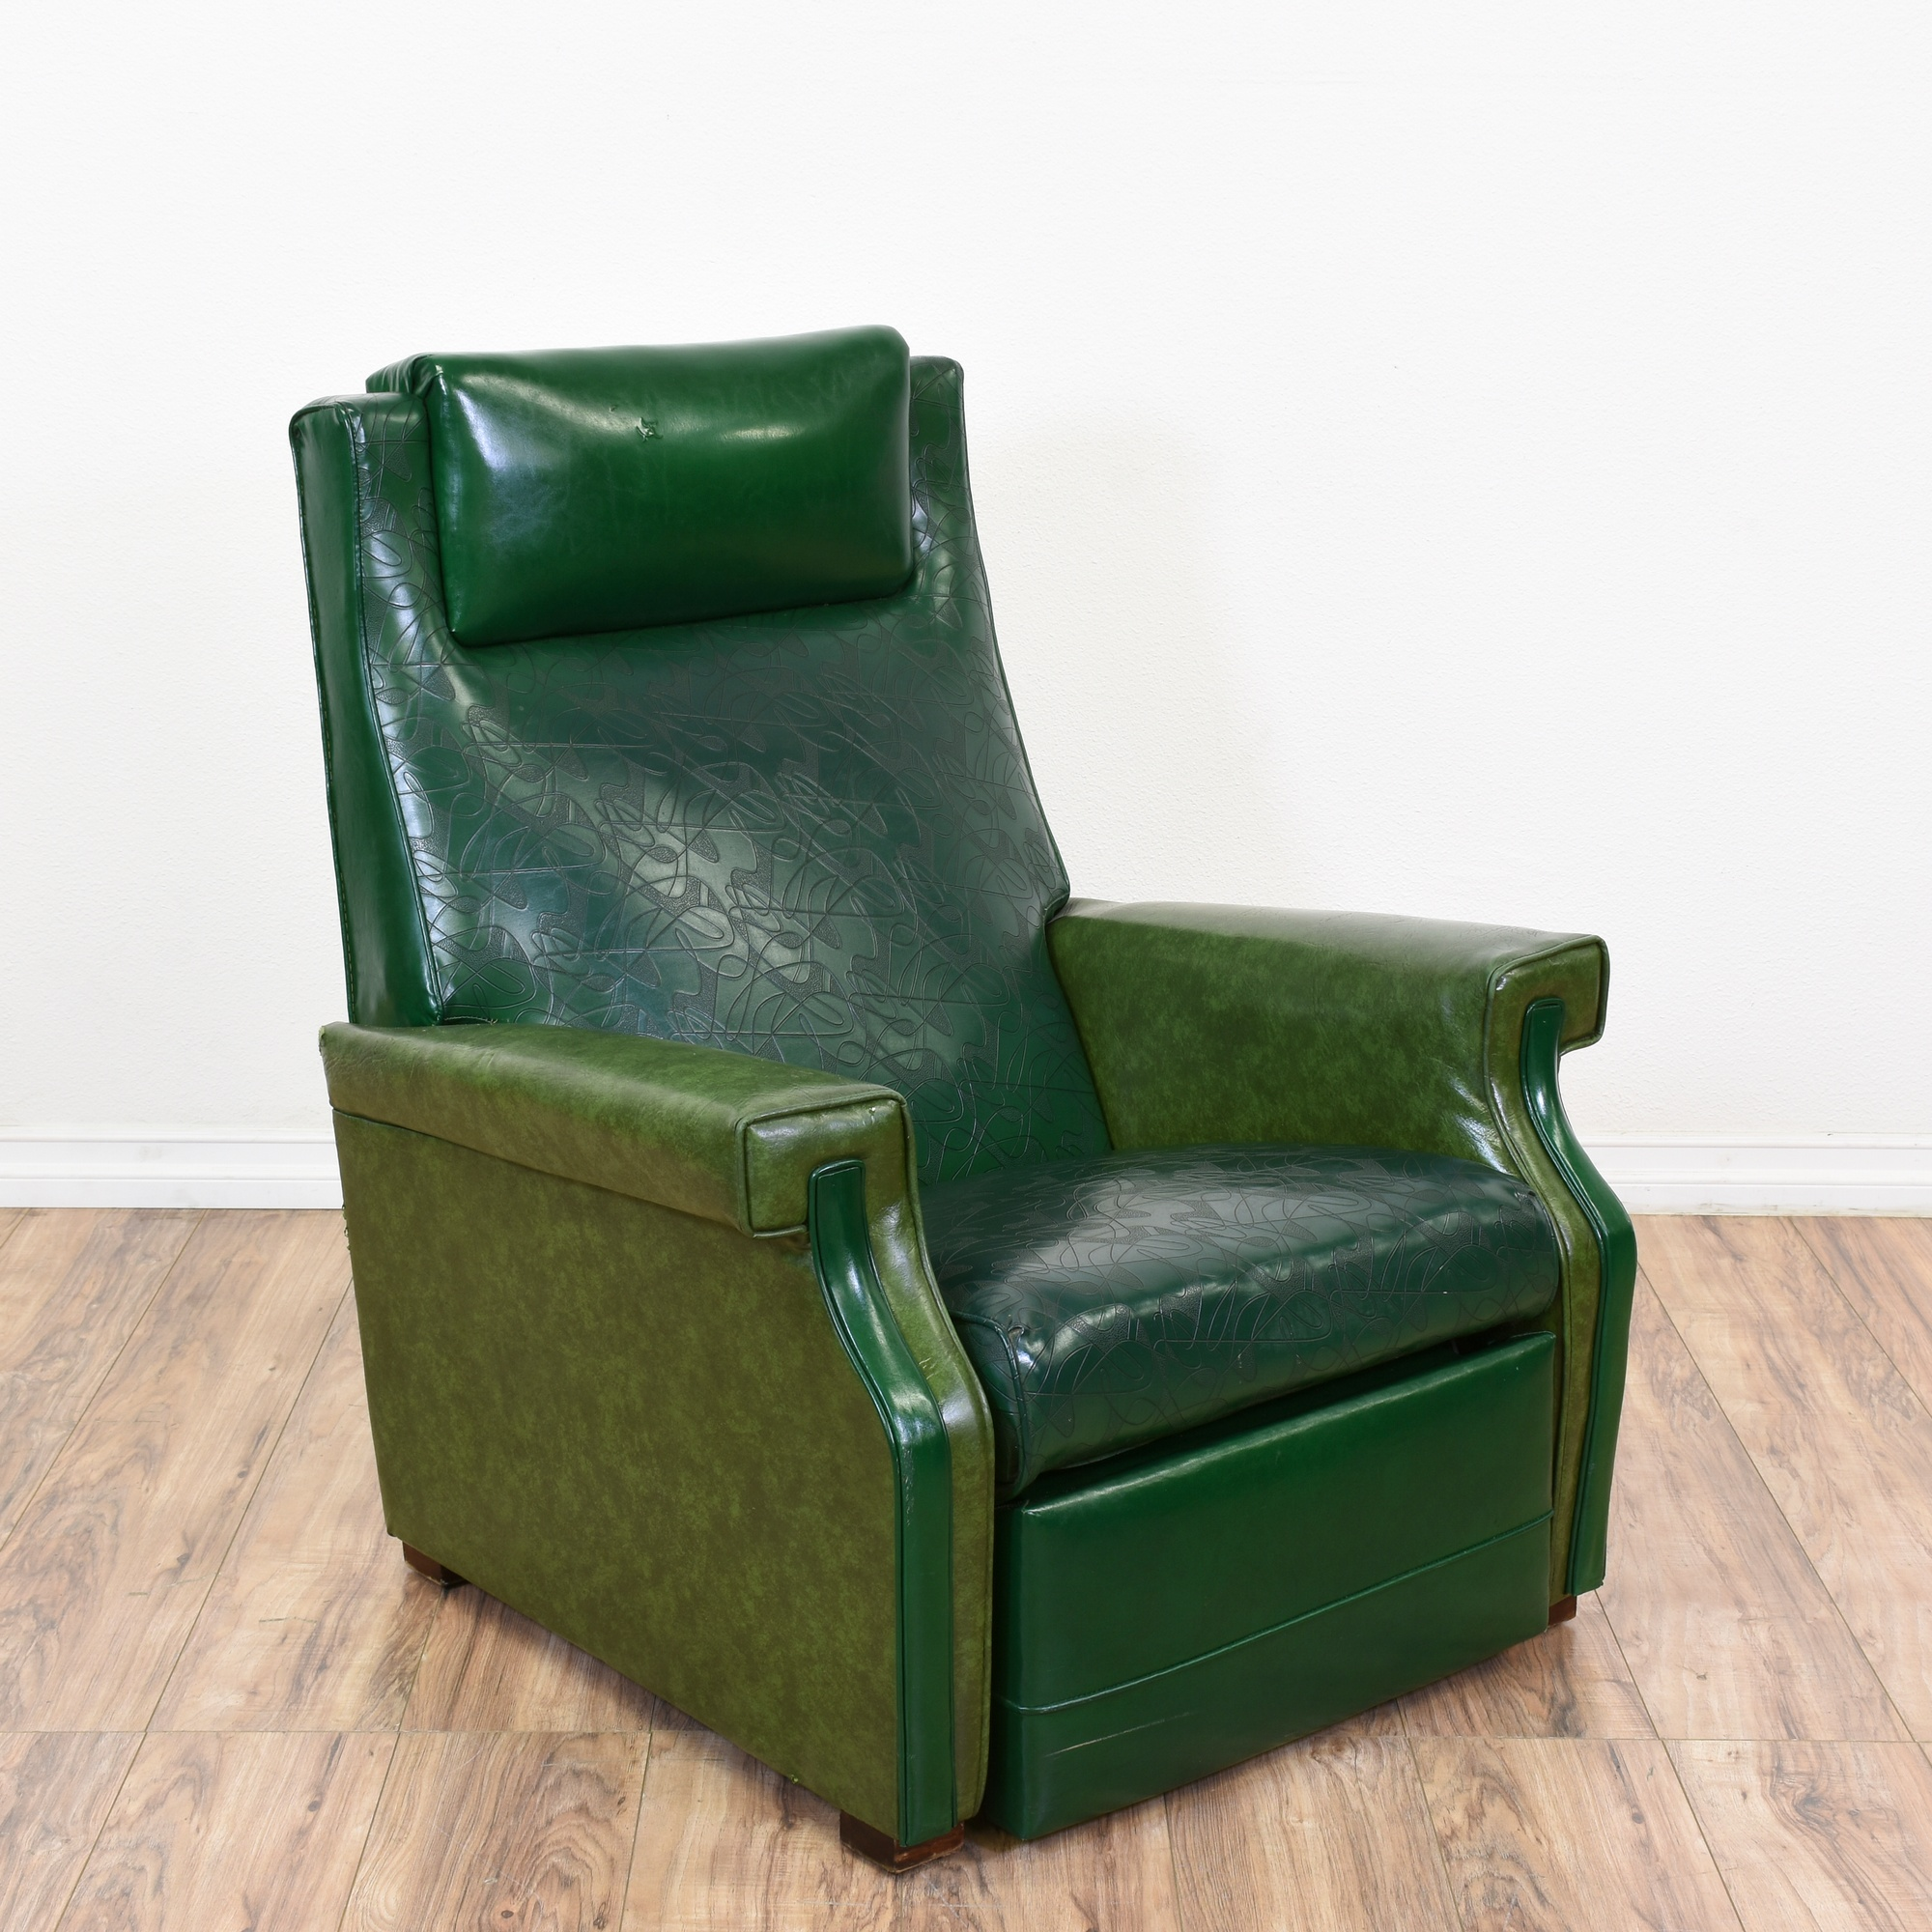 Mid Century Modern Green Vinyl Recliner   Loveseat Vintage Furniture San  Diego